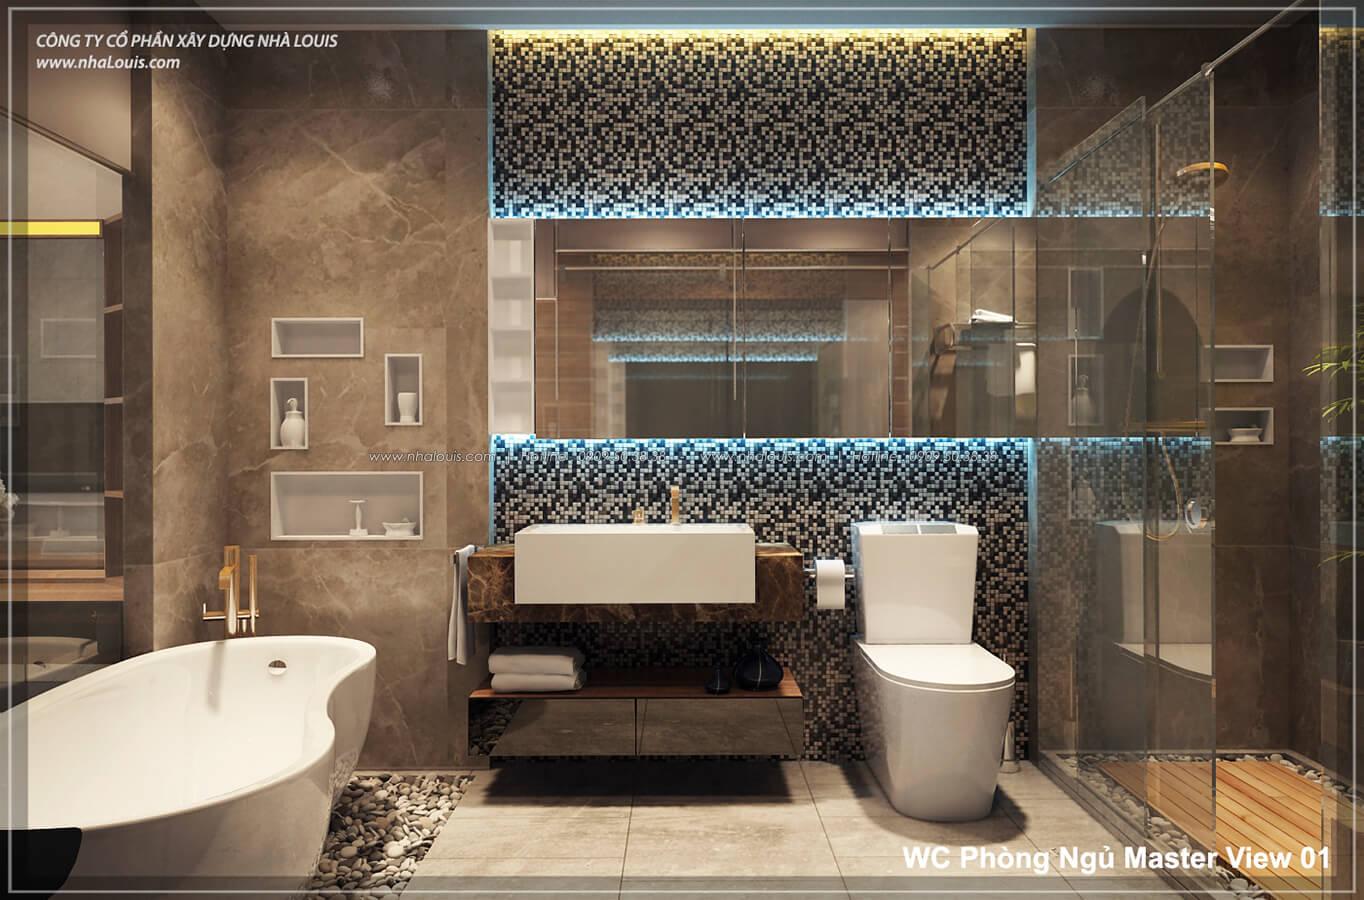 Phòng tắm không gian xanh trong nhà tại Quận 7 - 40